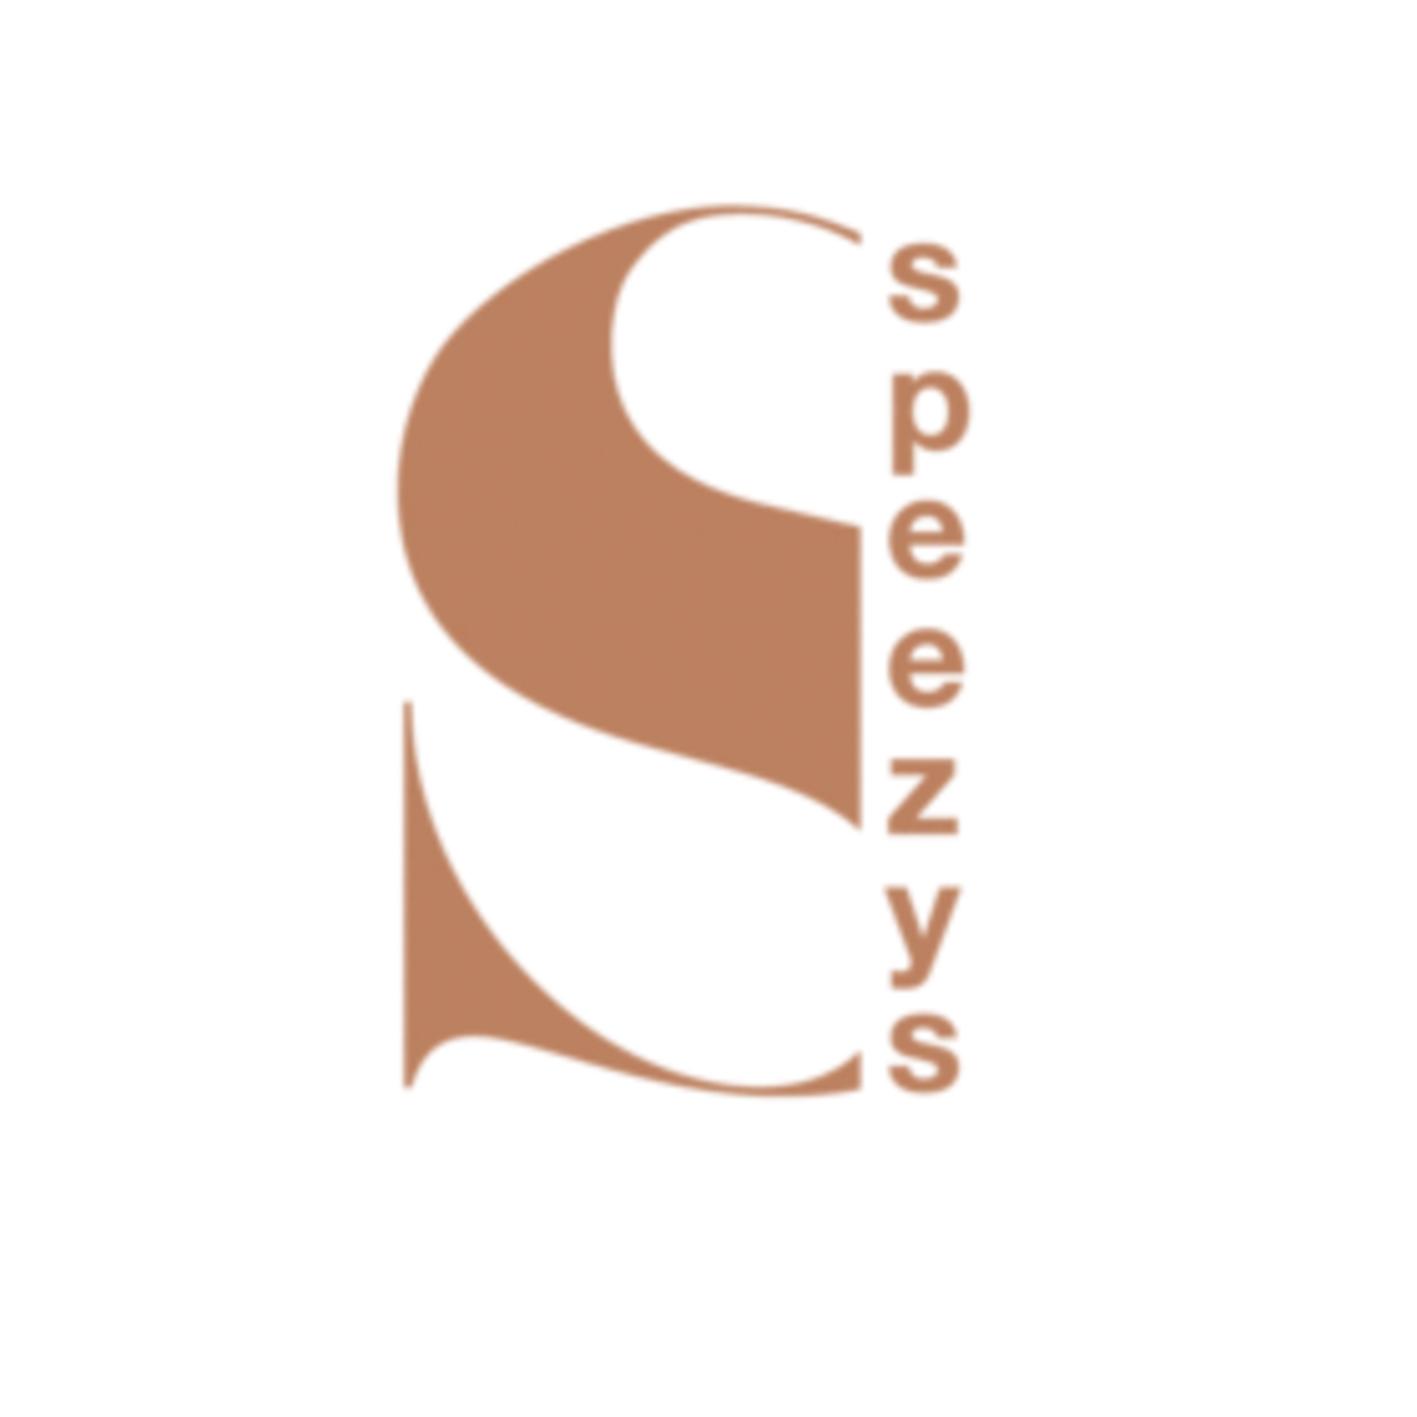 Speezys